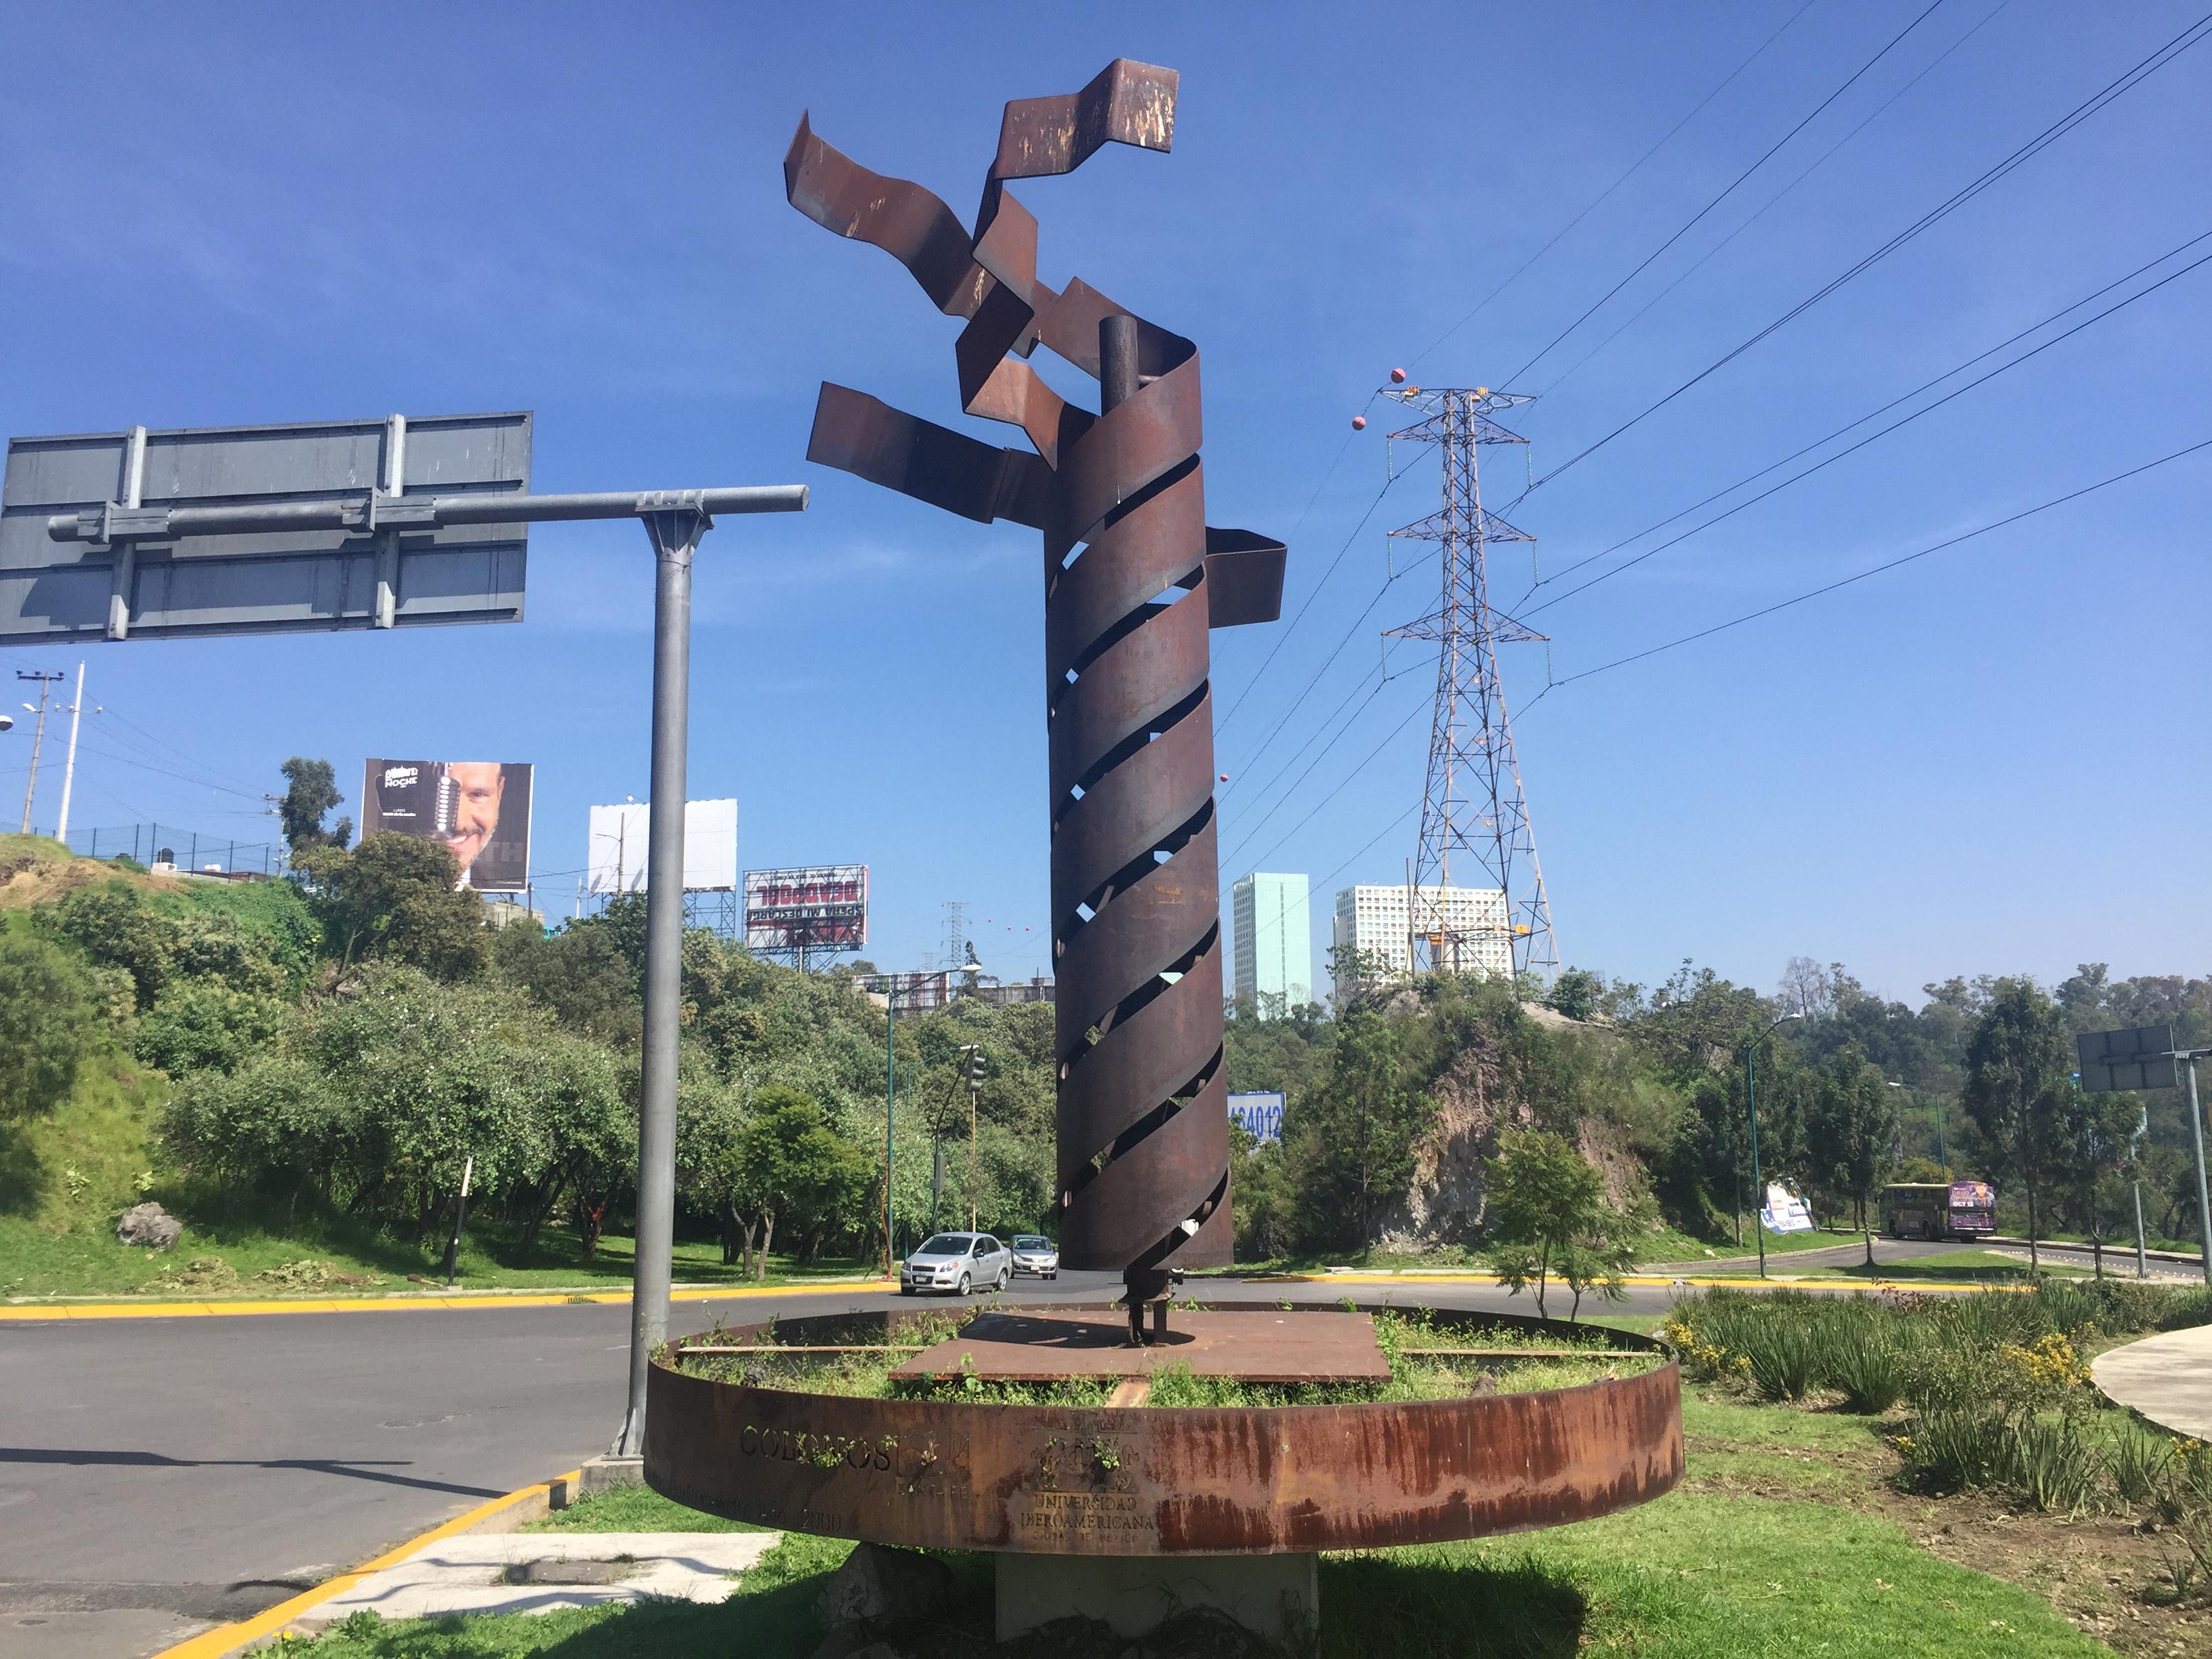 Moverán esculturas de Santa Fé para construir tren México-Toluca